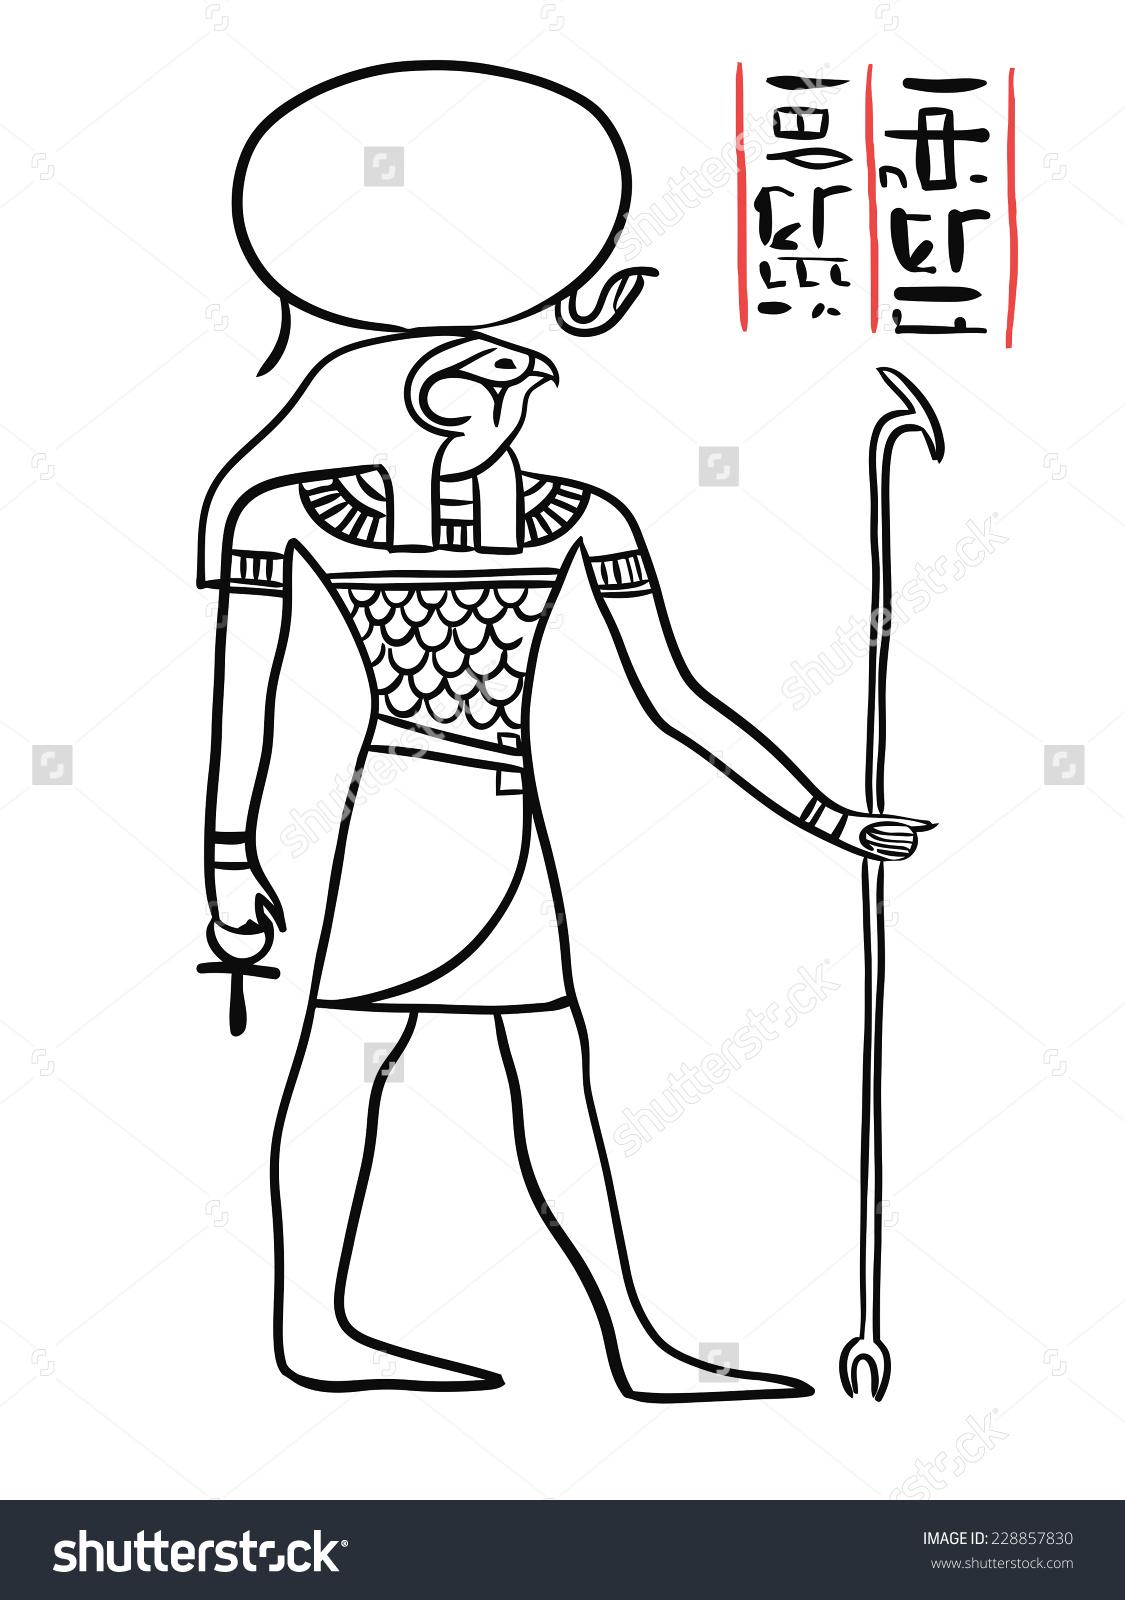 Ra Egyptian God Illustration Black Line Stock Vector 228857830.